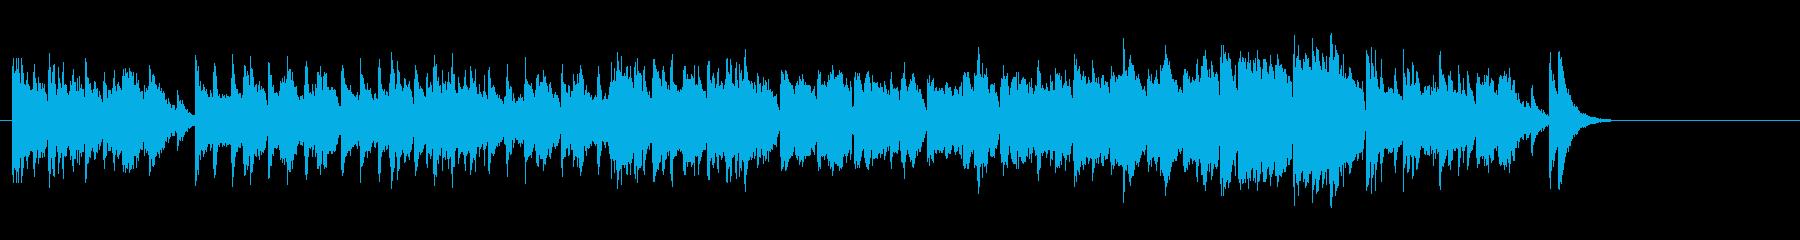 中華風、雑技団のB.G.M.風の再生済みの波形